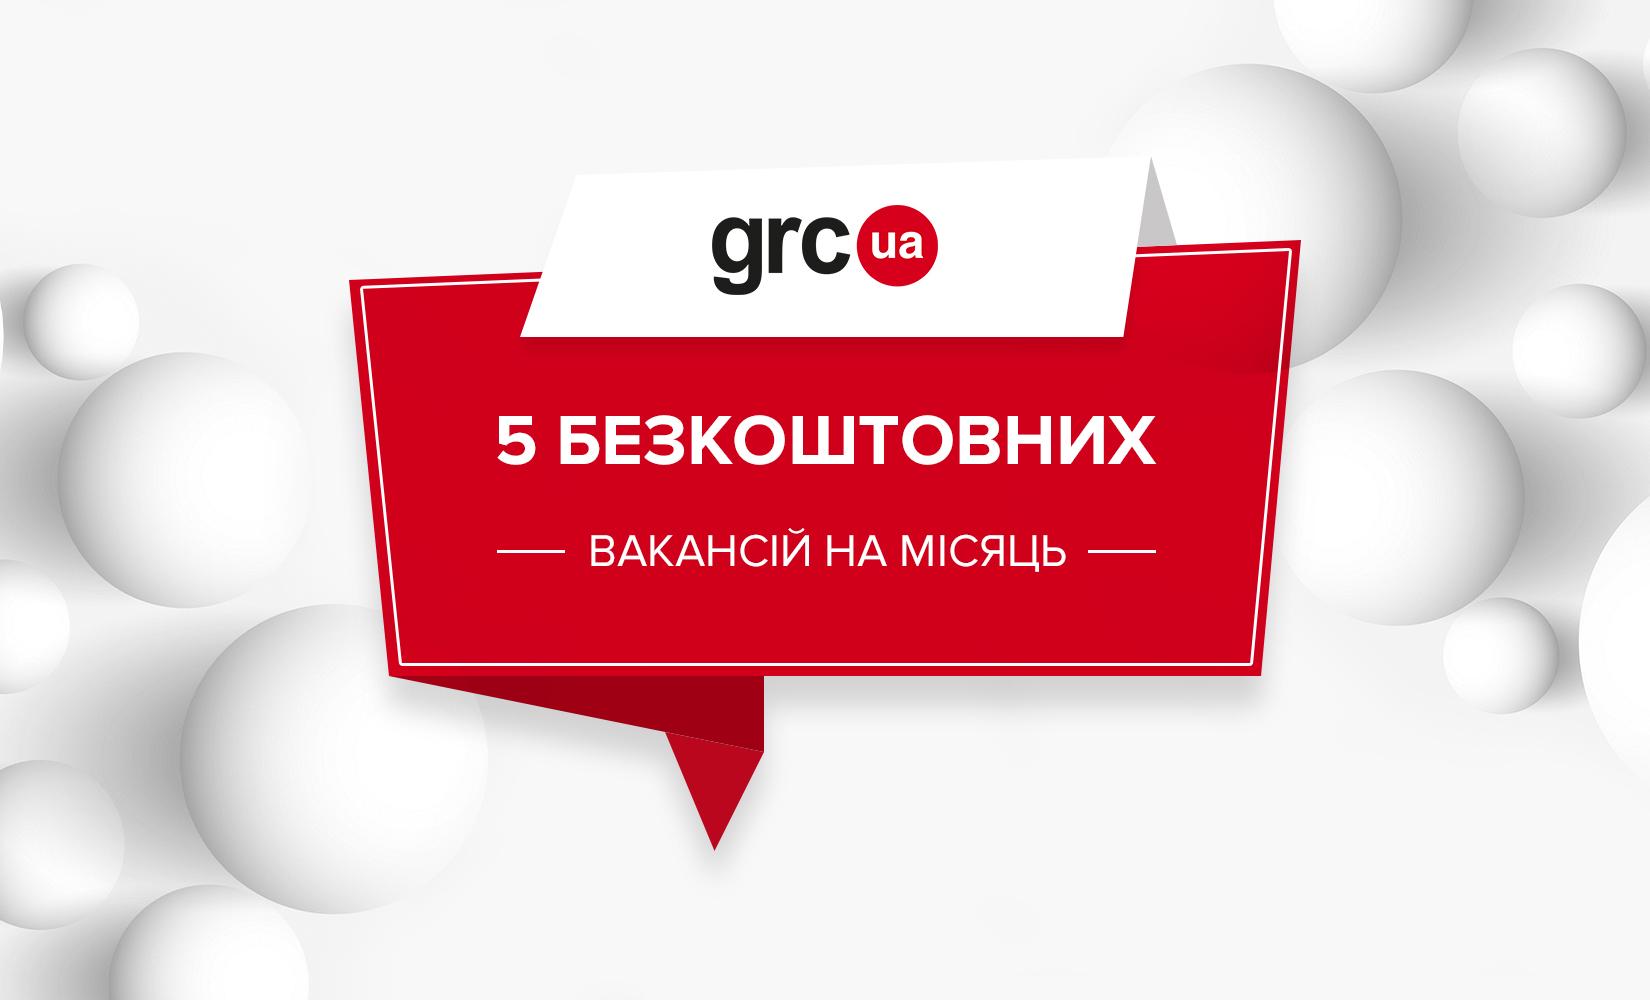 Посильте команду: 5 безкоштовних вакансій від grc.ua | grc.ua